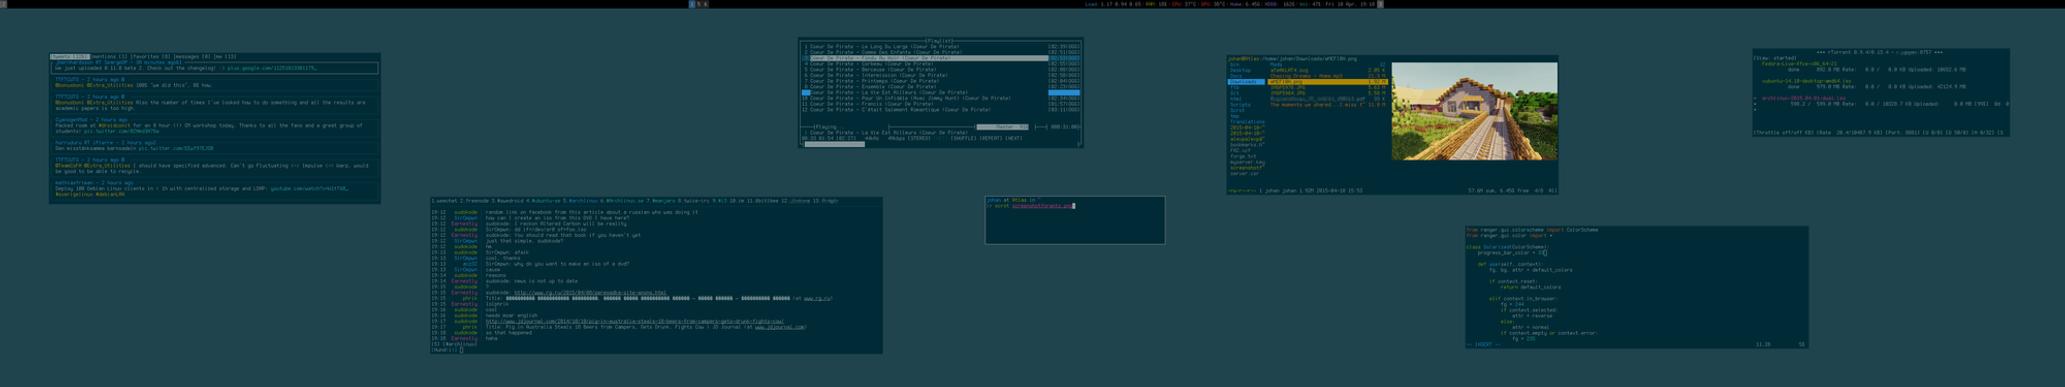 My Desktop - April 2015 by hundone